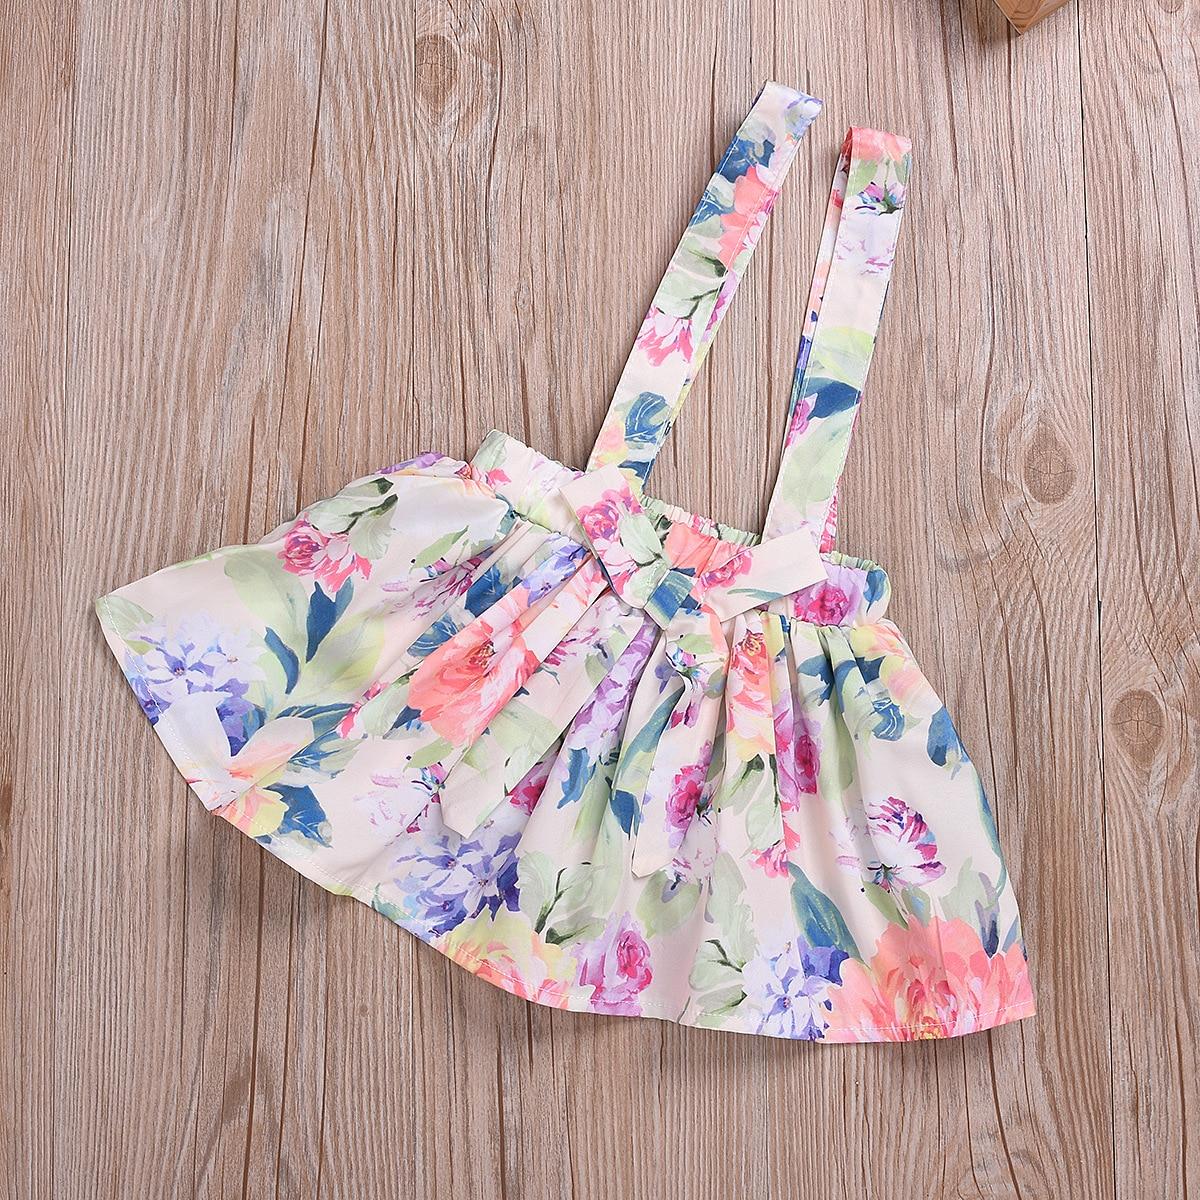 Cotton Printed Strap Dress Suit Girls Clothes L4.17 5